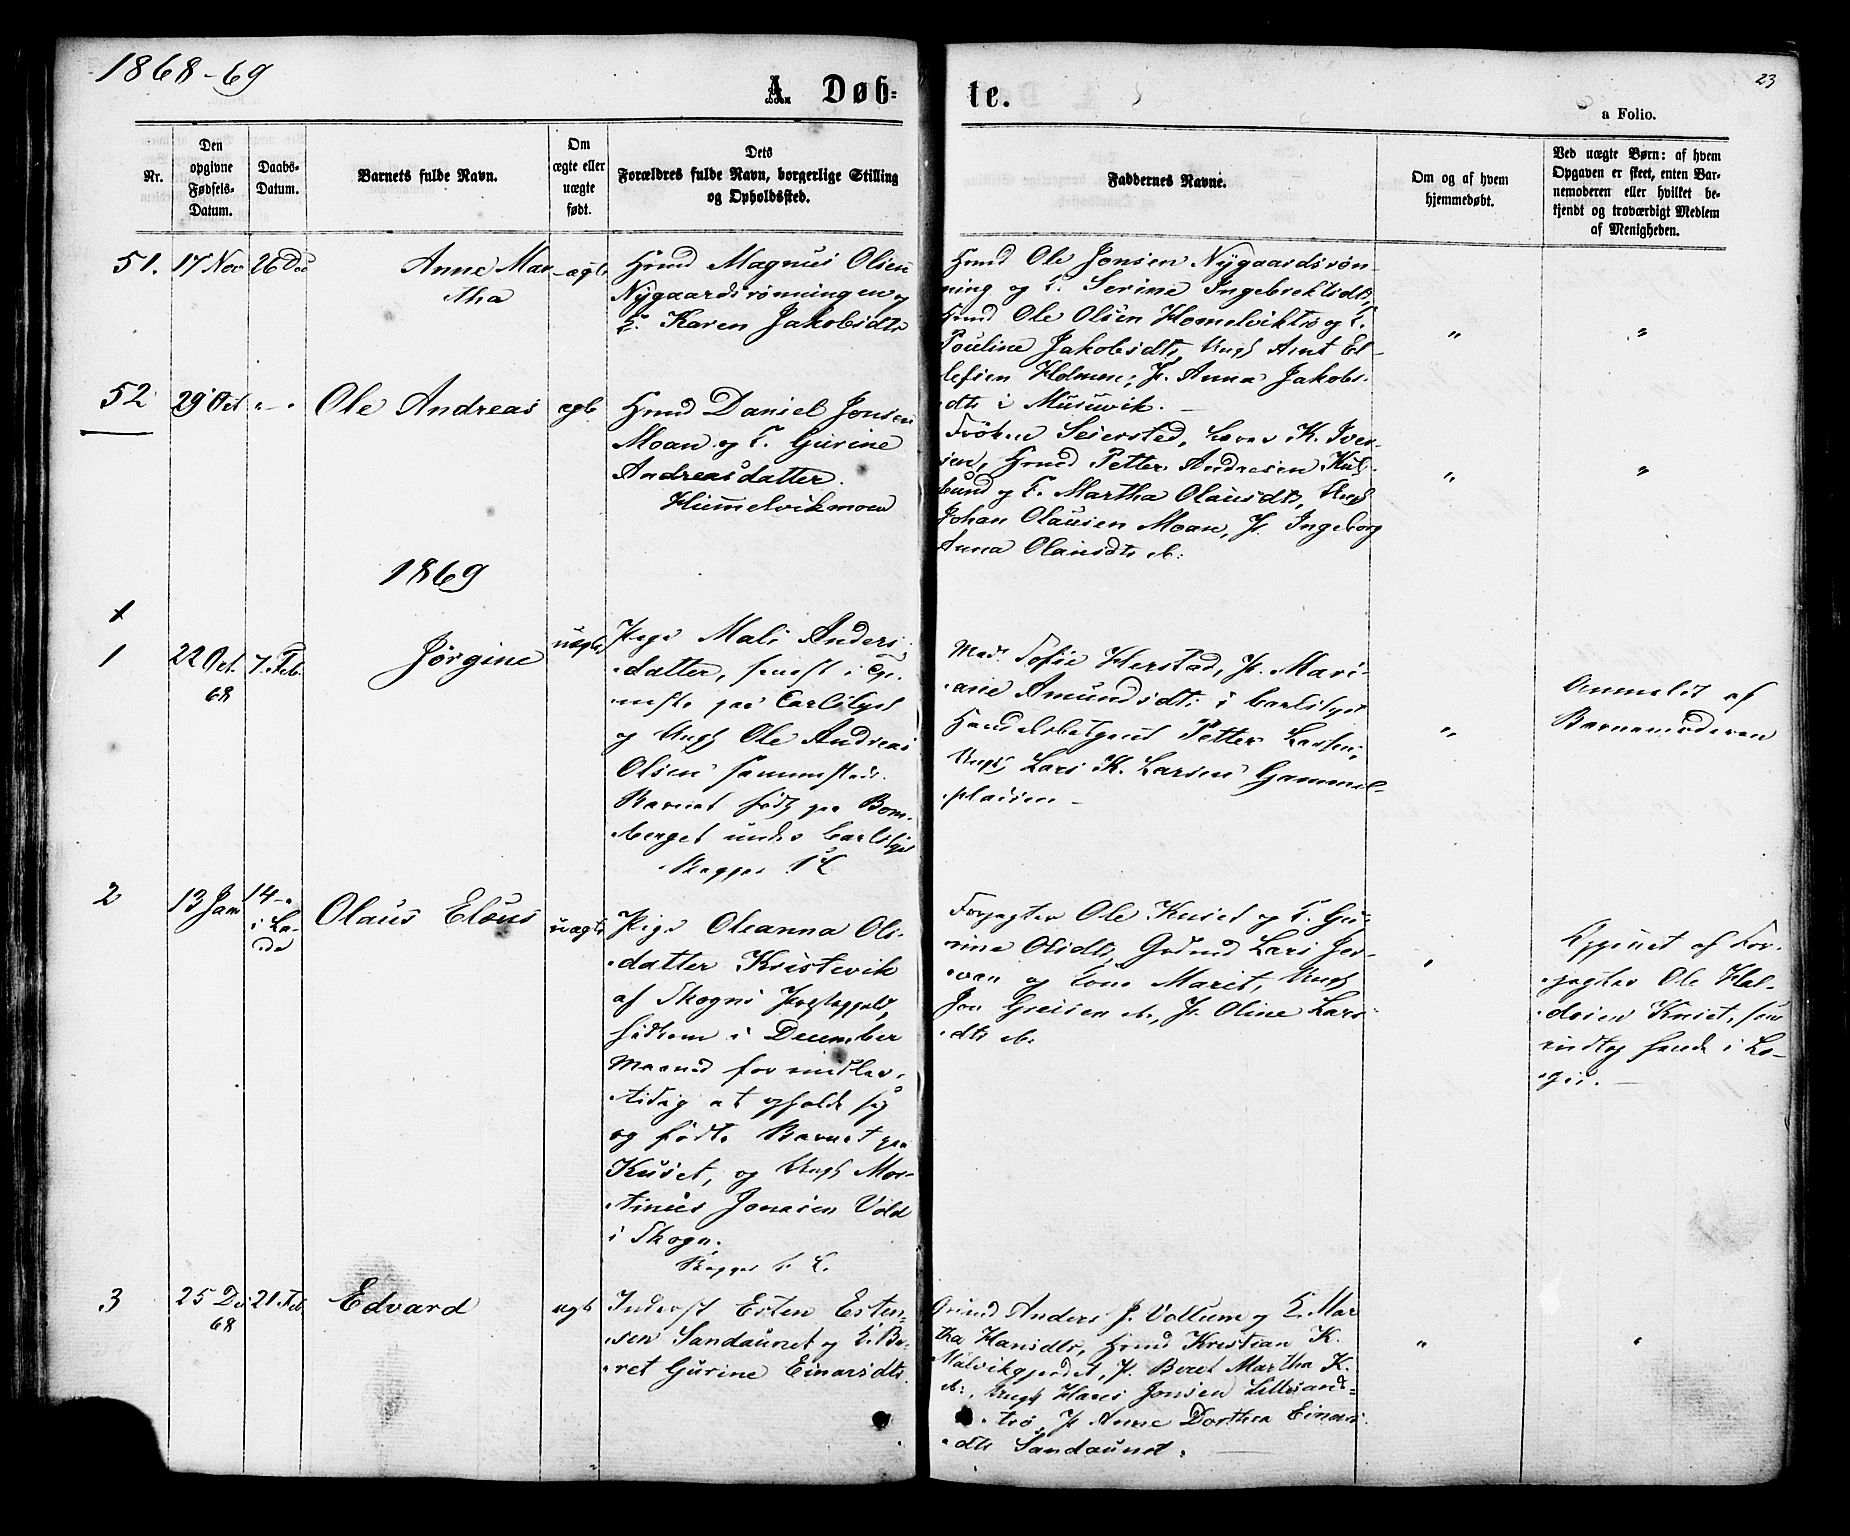 SAT, Ministerialprotokoller, klokkerbøker og fødselsregistre - Sør-Trøndelag, 616/L0409: Ministerialbok nr. 616A06, 1865-1877, s. 23